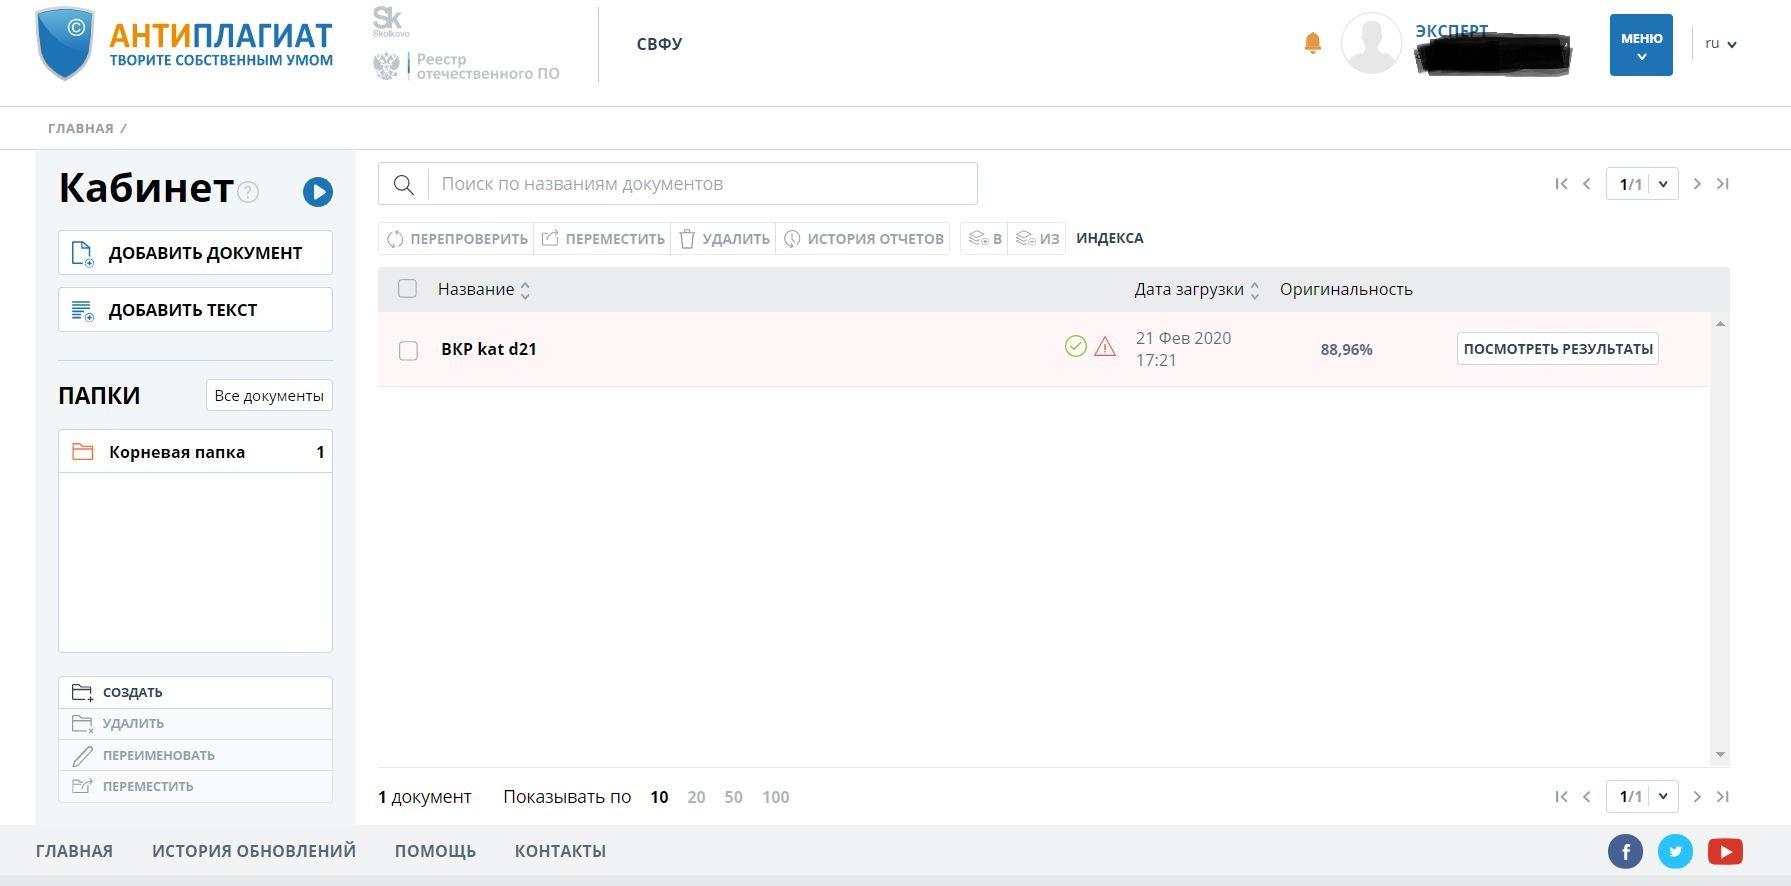 как проверить текст в антиплагиат вуз